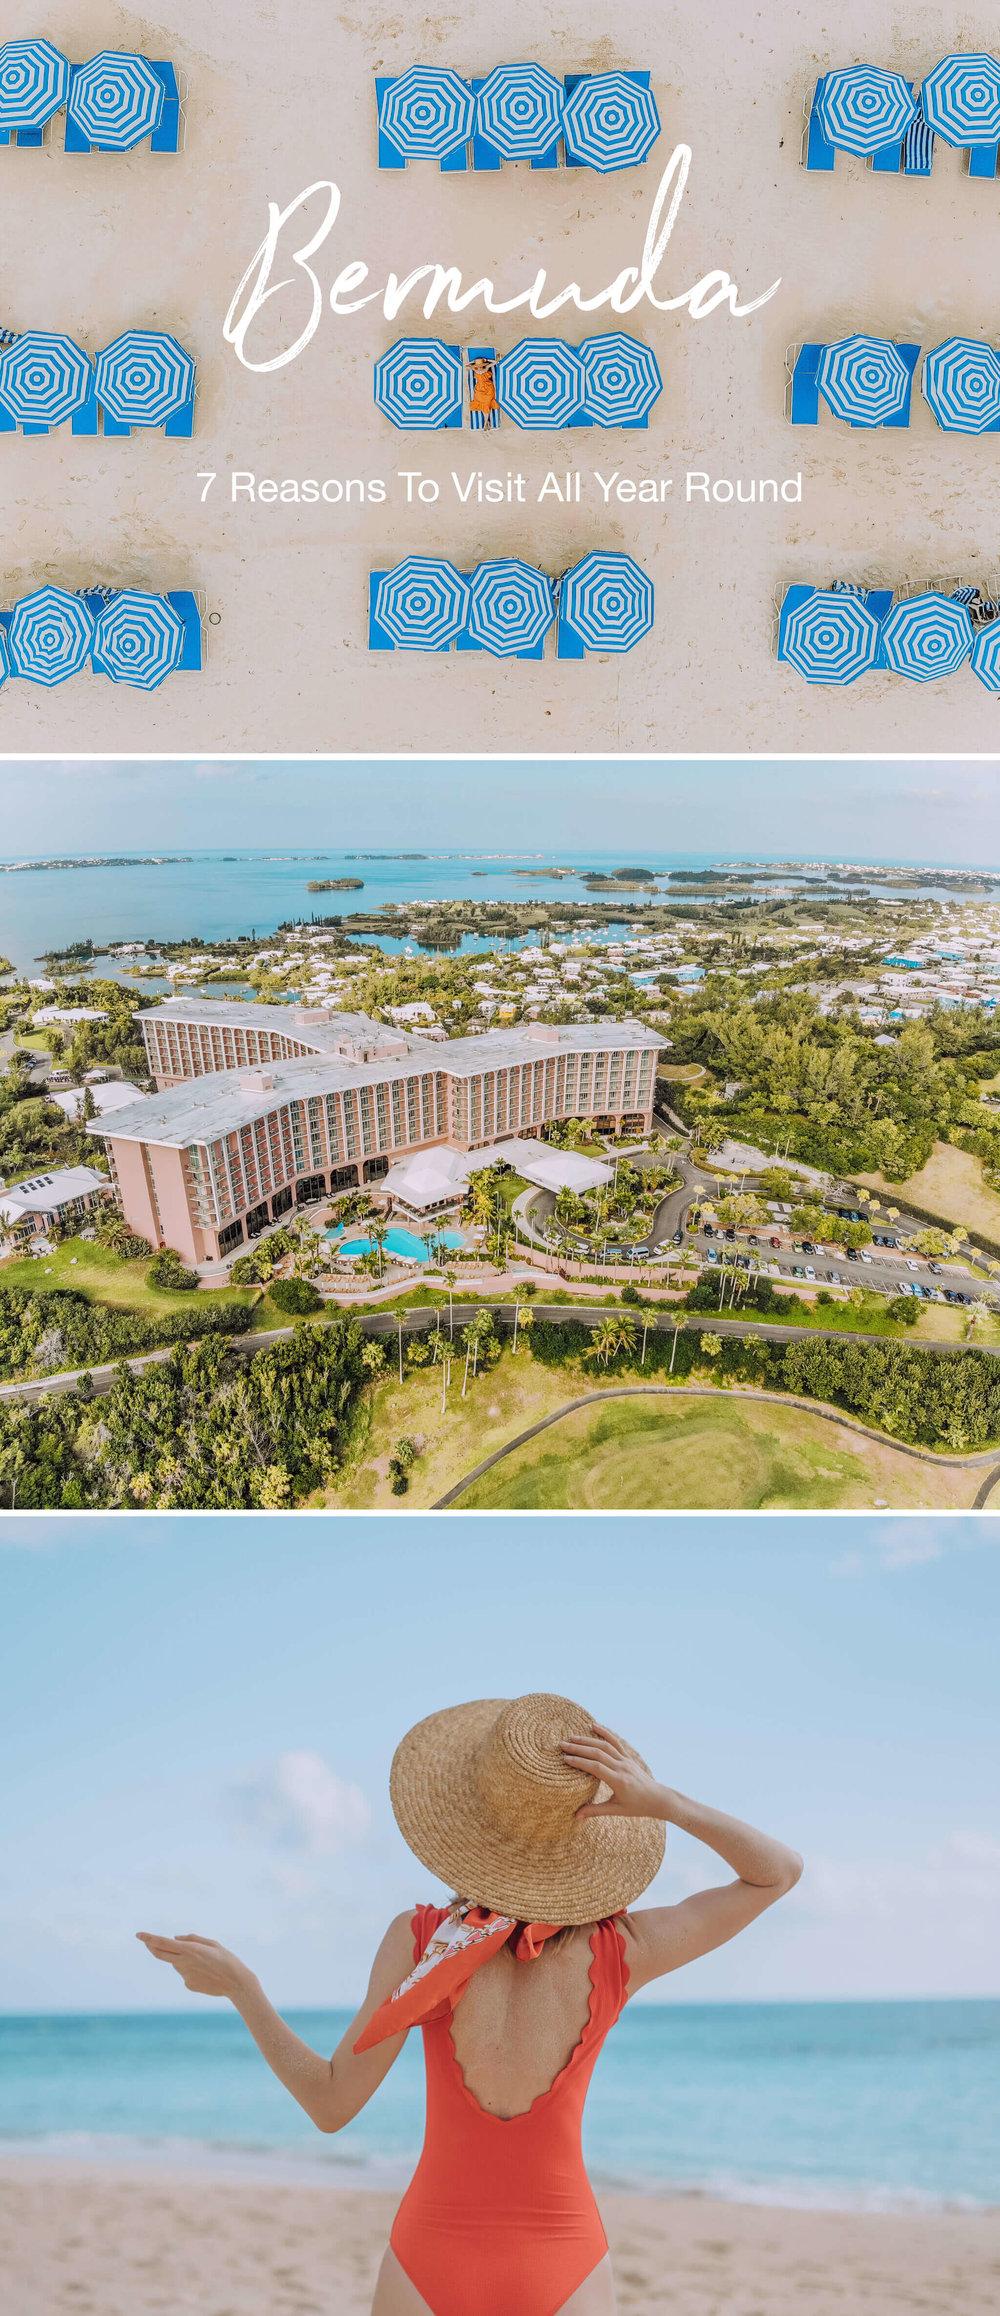 Visit-Bermuda.jpg